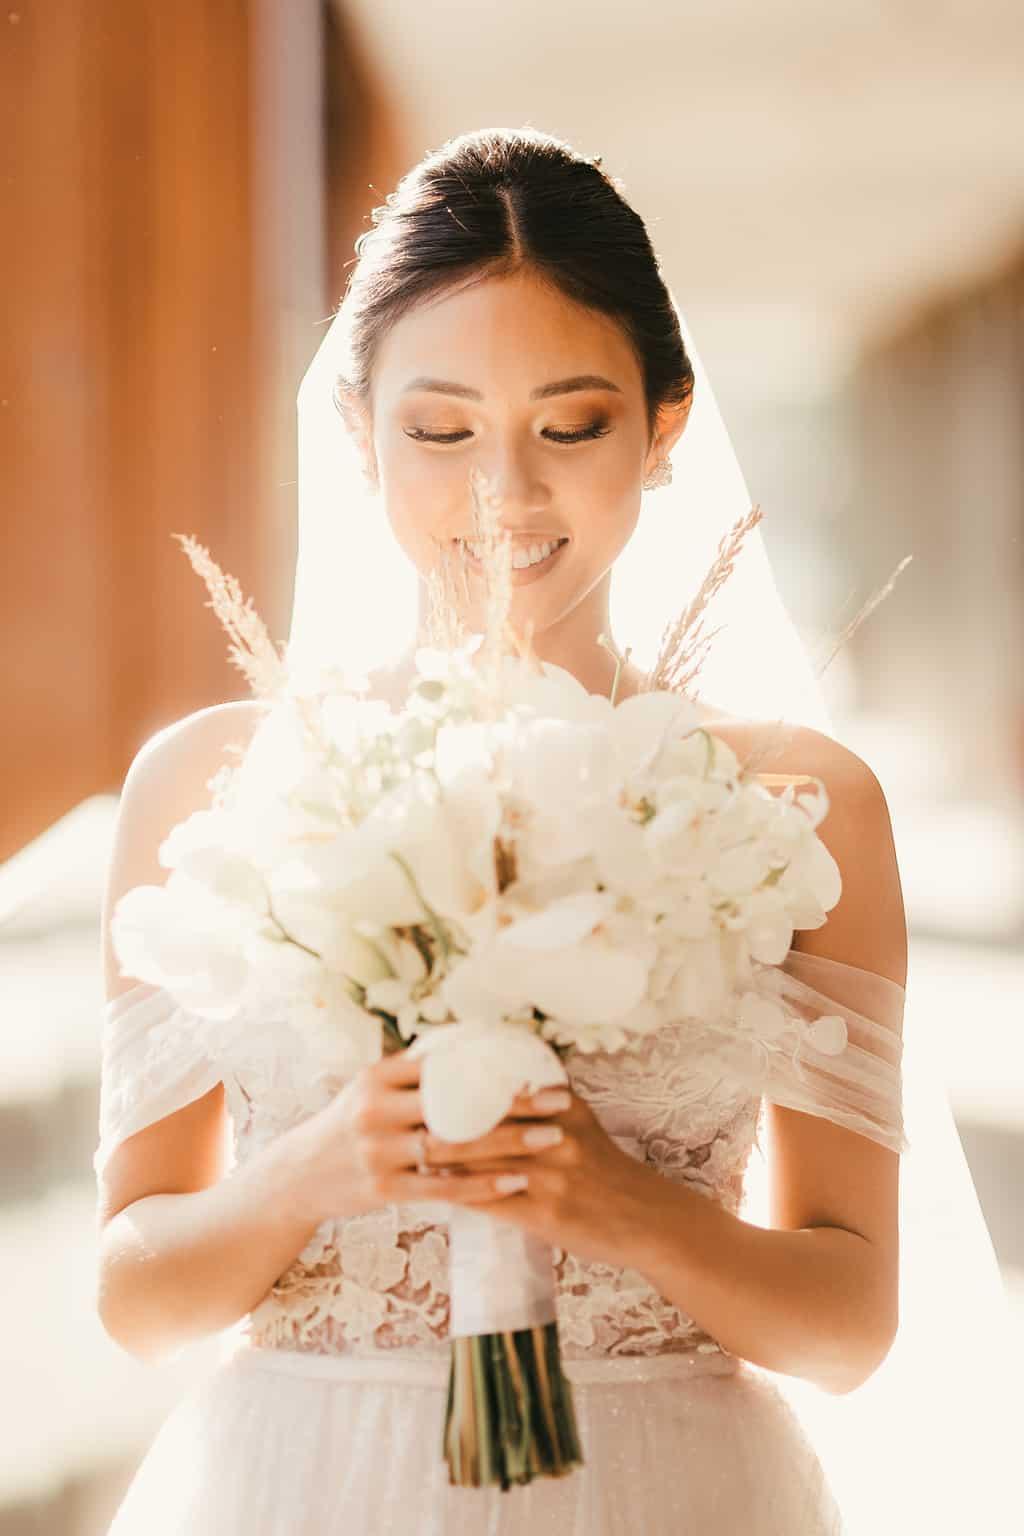 Casamento-Alissa-e-Gustavo-Cerimonial-Manu-Goncalez-Decor-Andrea-Kapps-Fasano-Angra-dos-Reis-Foto-VRebel-G-Junior-Making-of2201